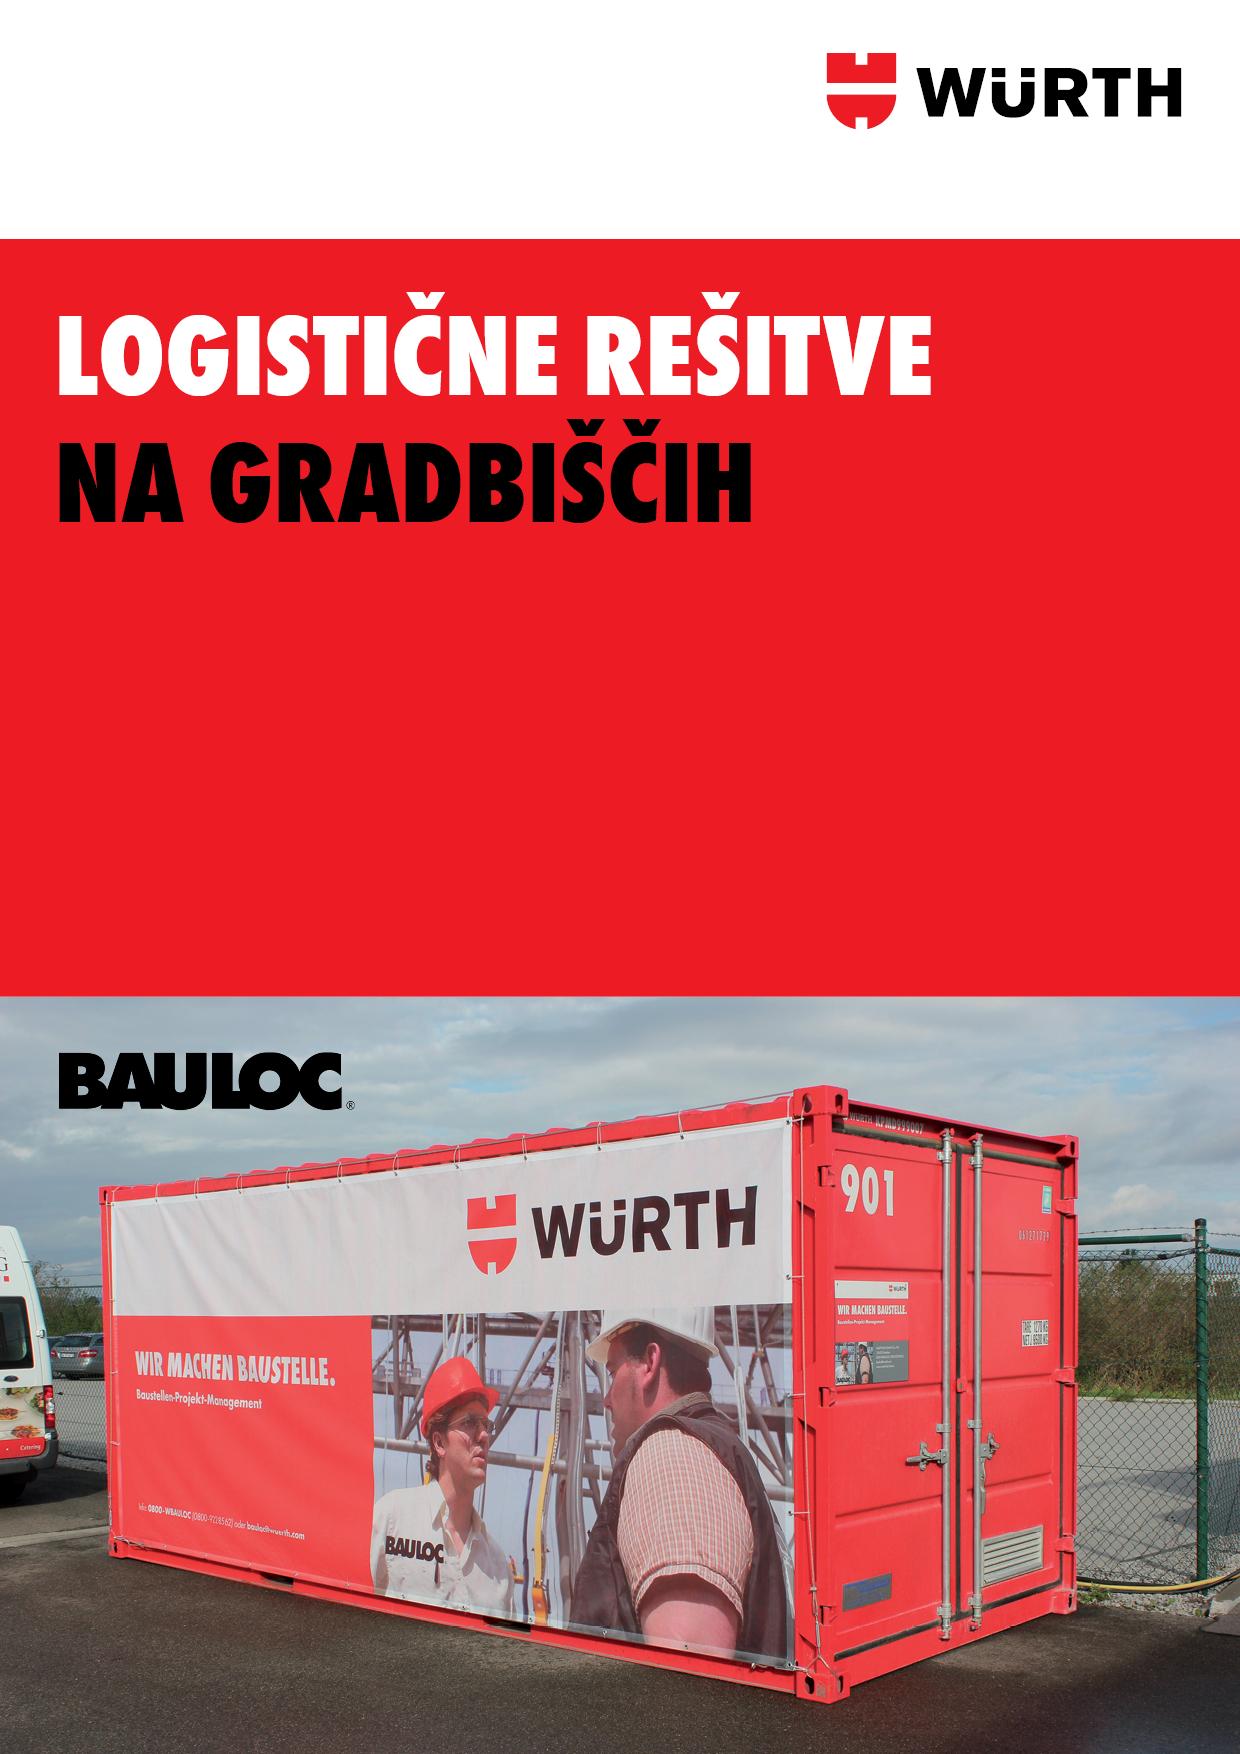 Logistične rešitve na gradbiščih, gradbišča, zabojnik